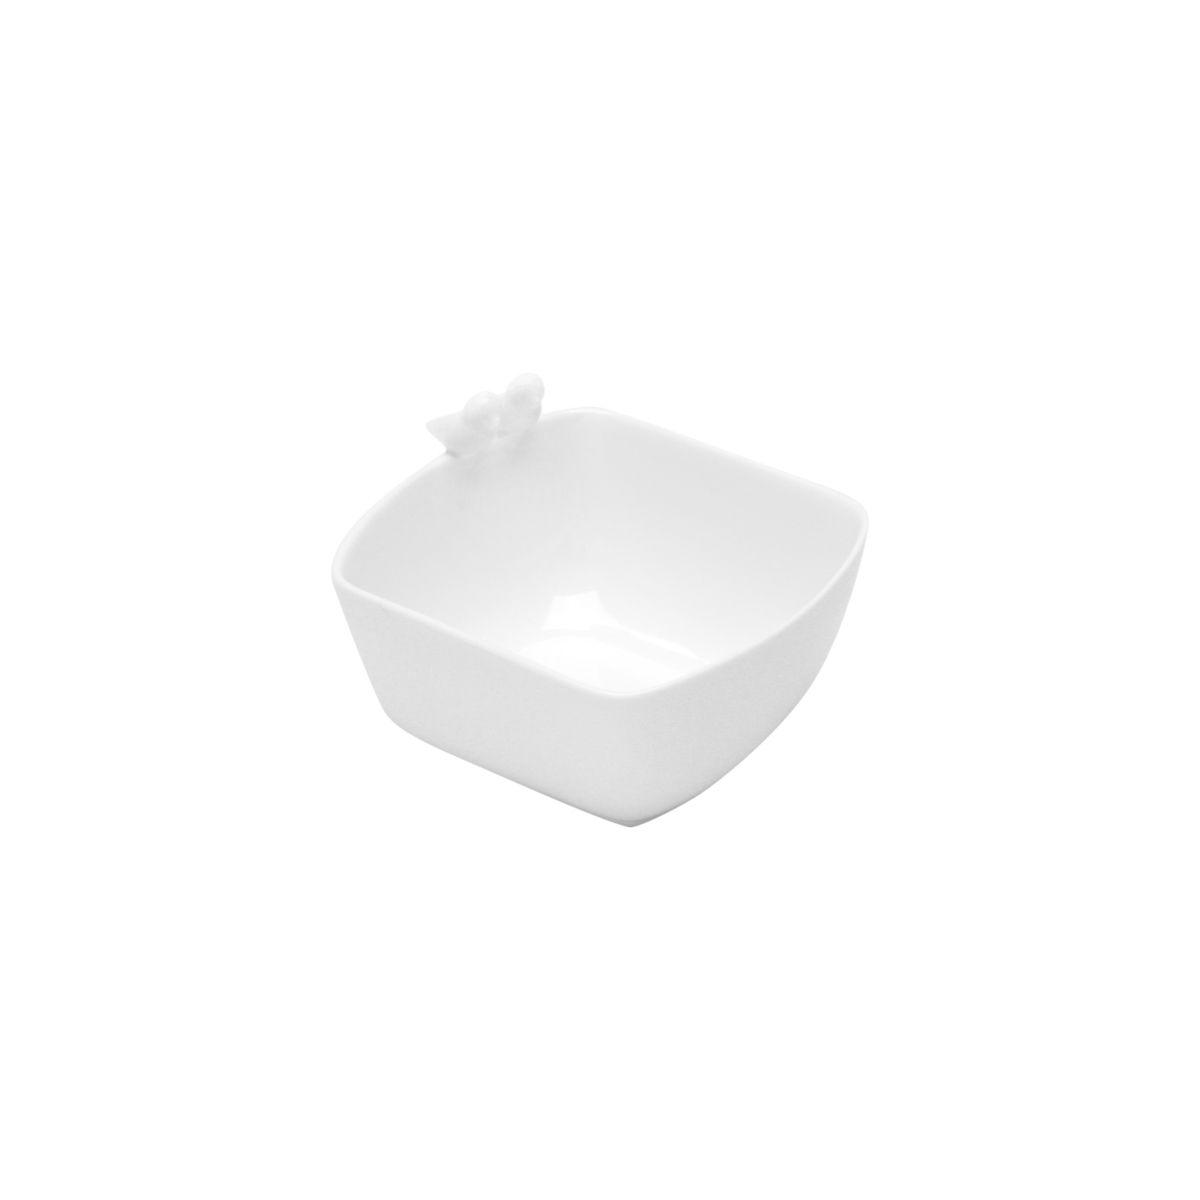 Bowl 12 x 10 cm de porcelana branca Birds Wolff - 17302